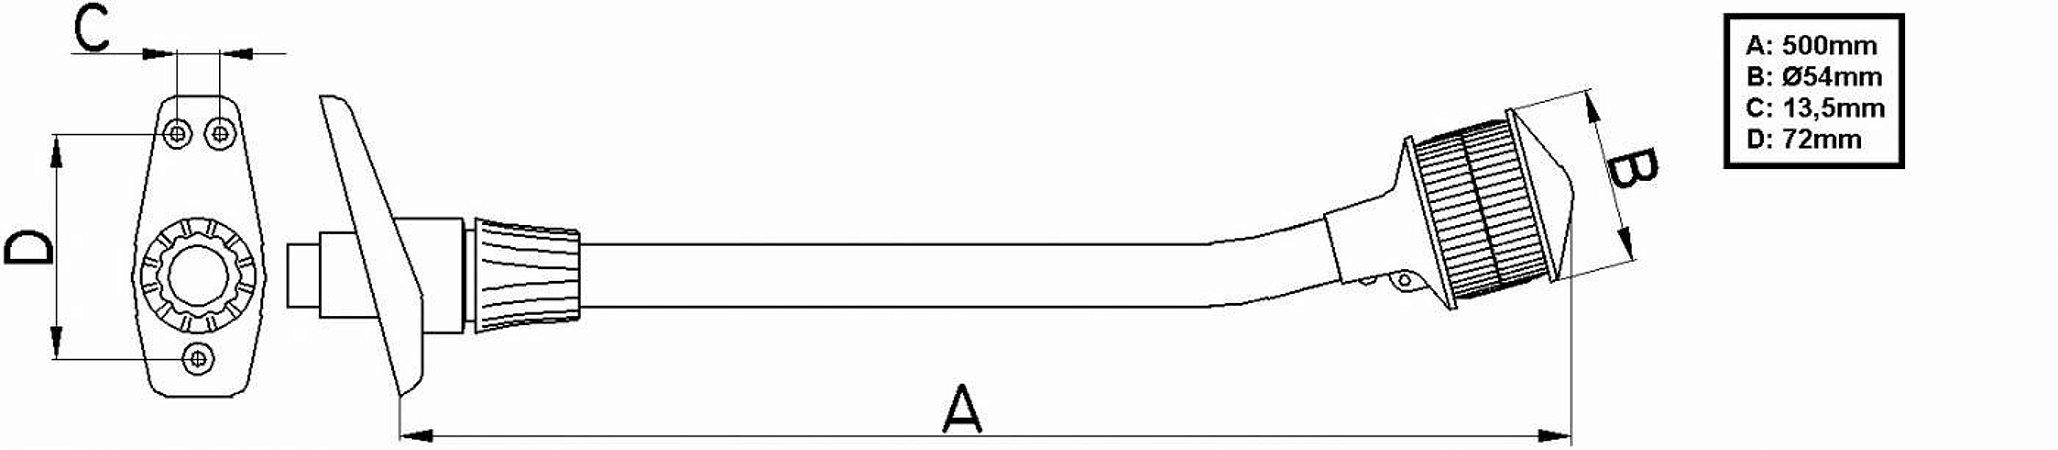 Mastro porta bandeira com Estrobo (LED)